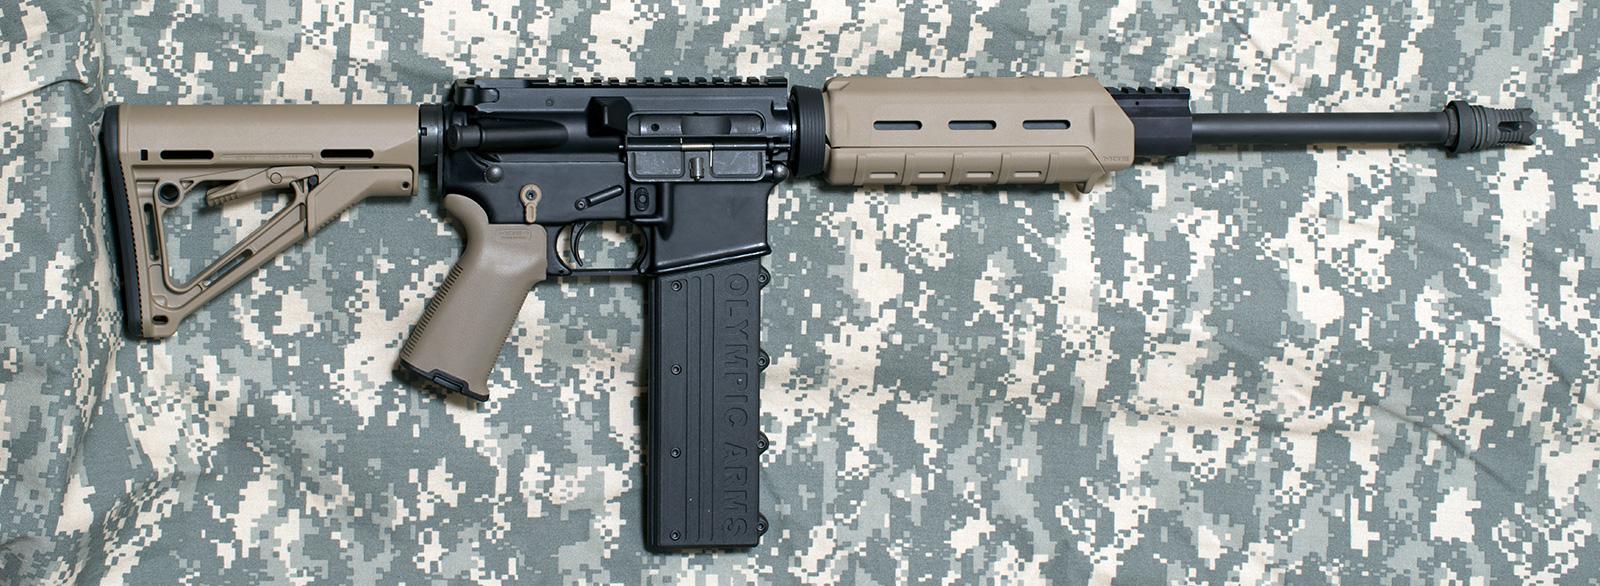 45 acp ar 15 rifle 45 ar 15 carbine 45 acp ar15 ar15tactical com